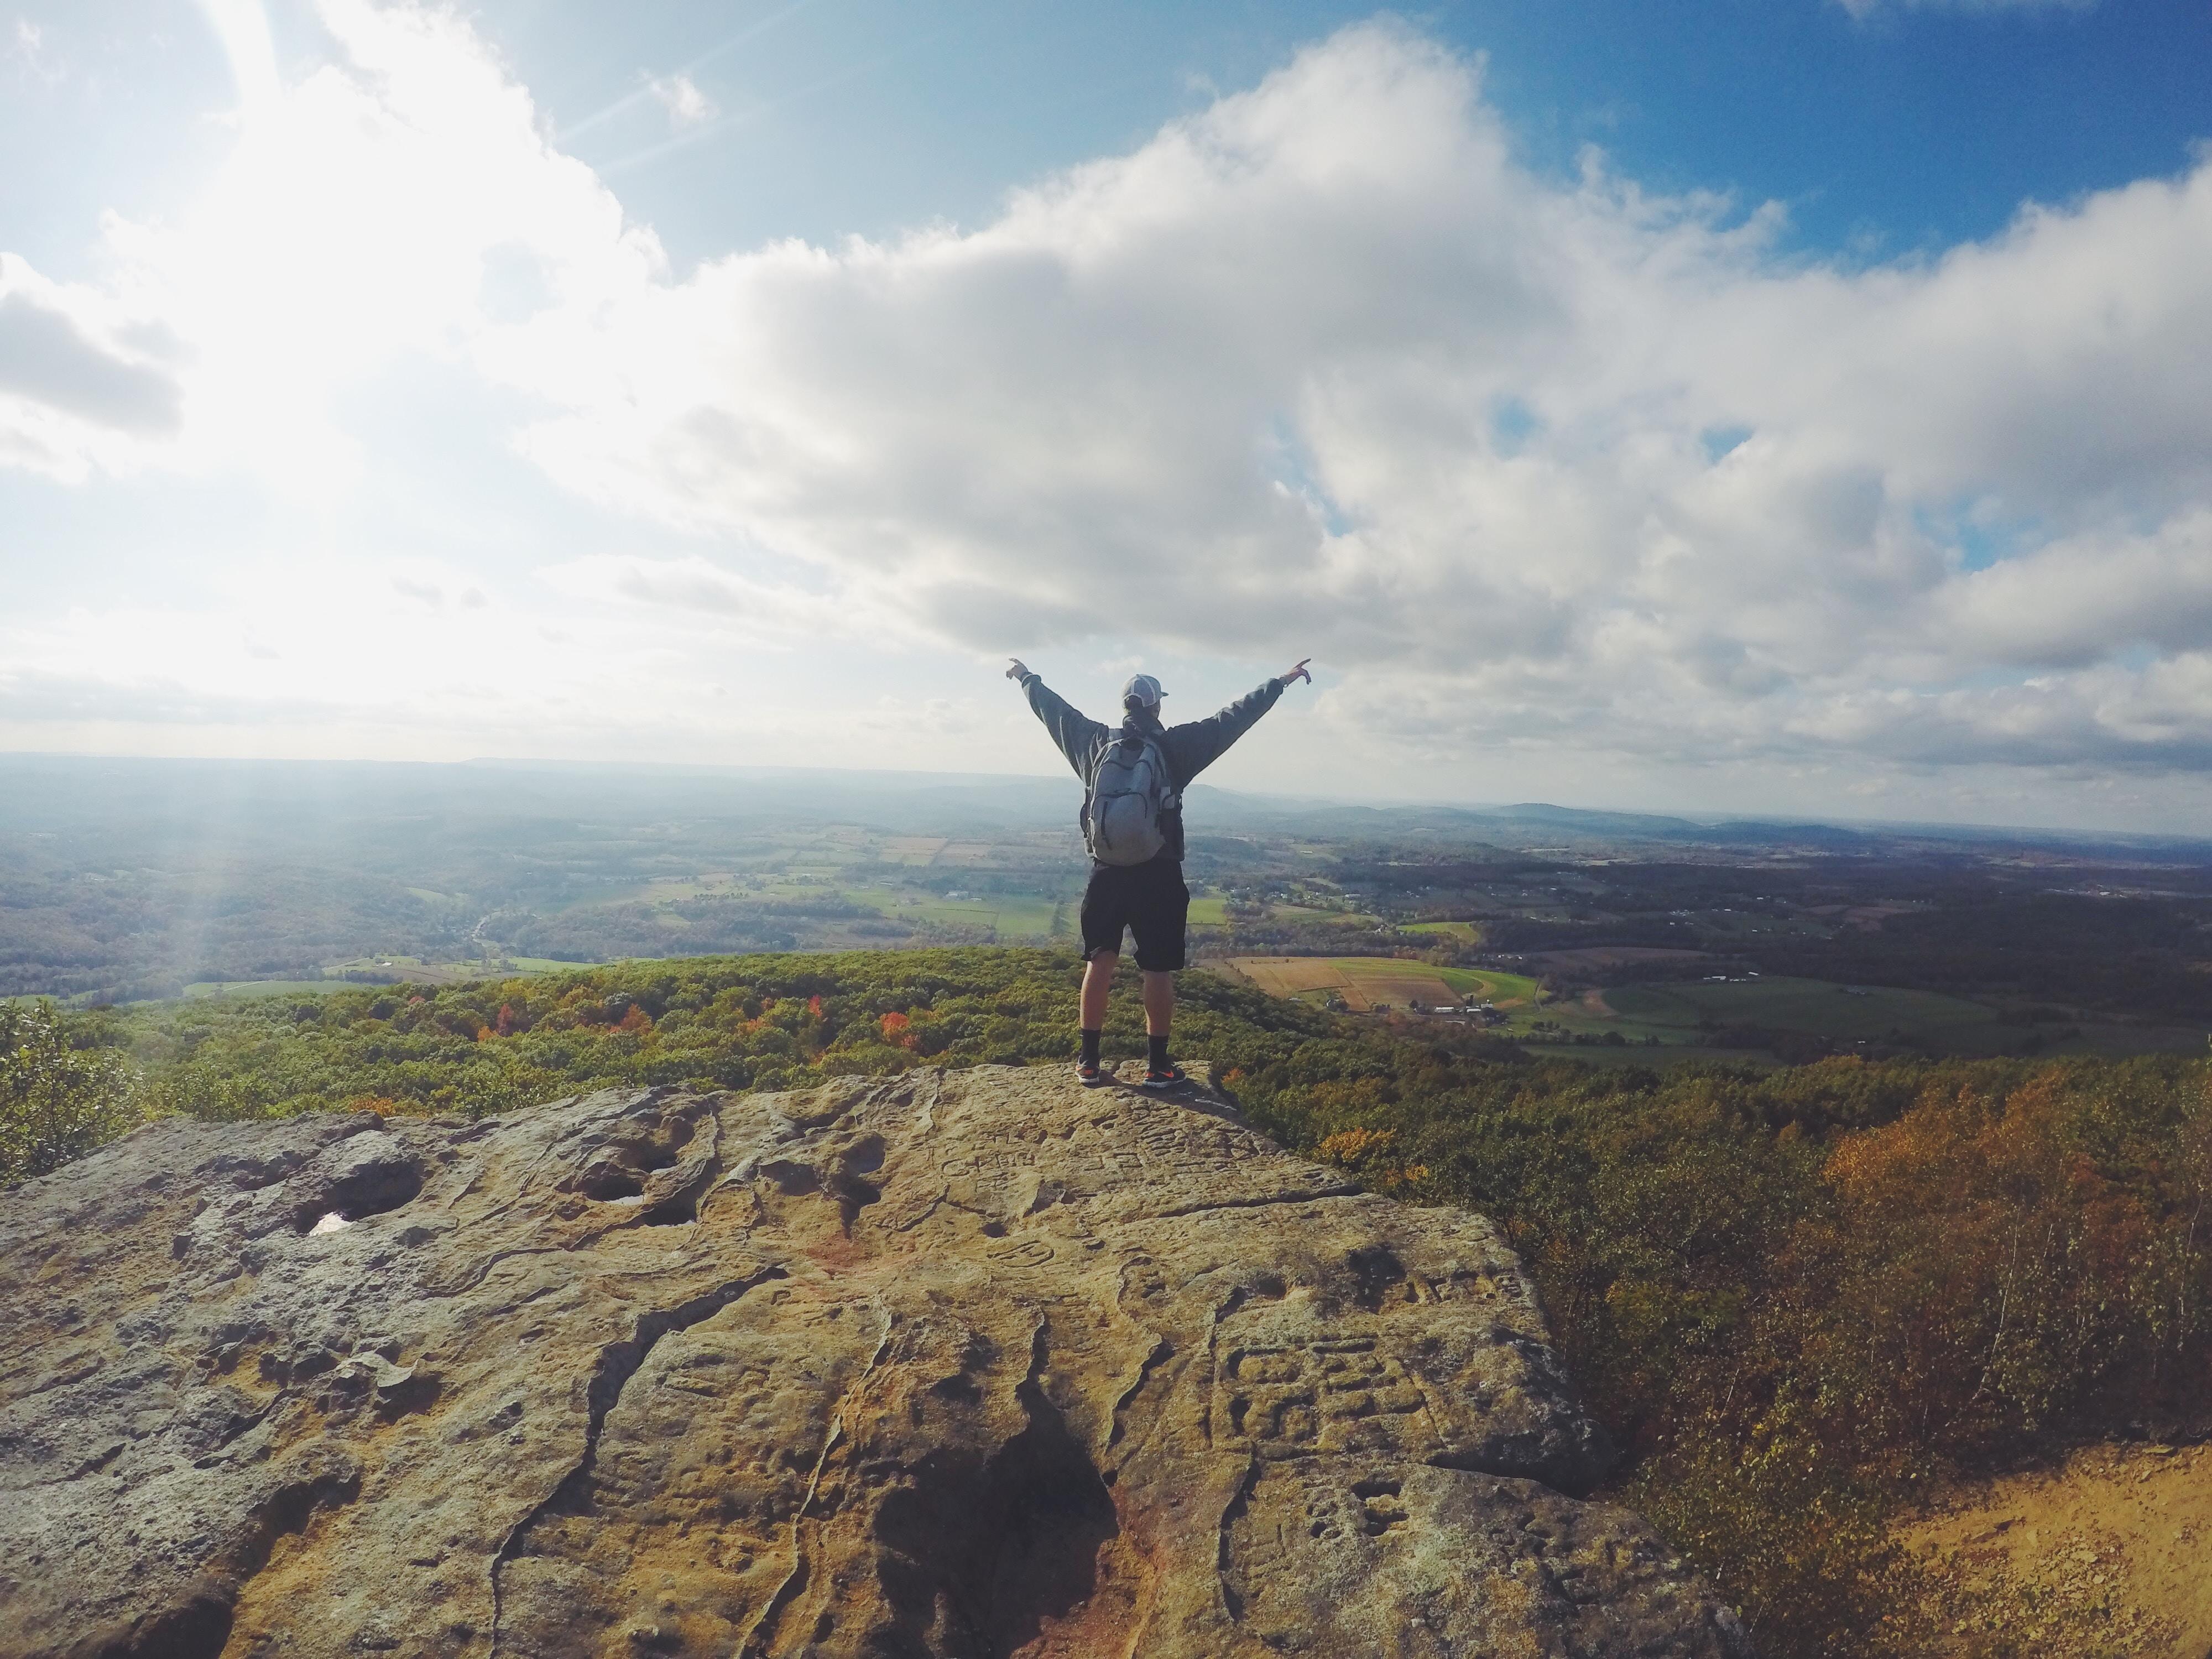 personne au bord d'une falaise les mains en l'air